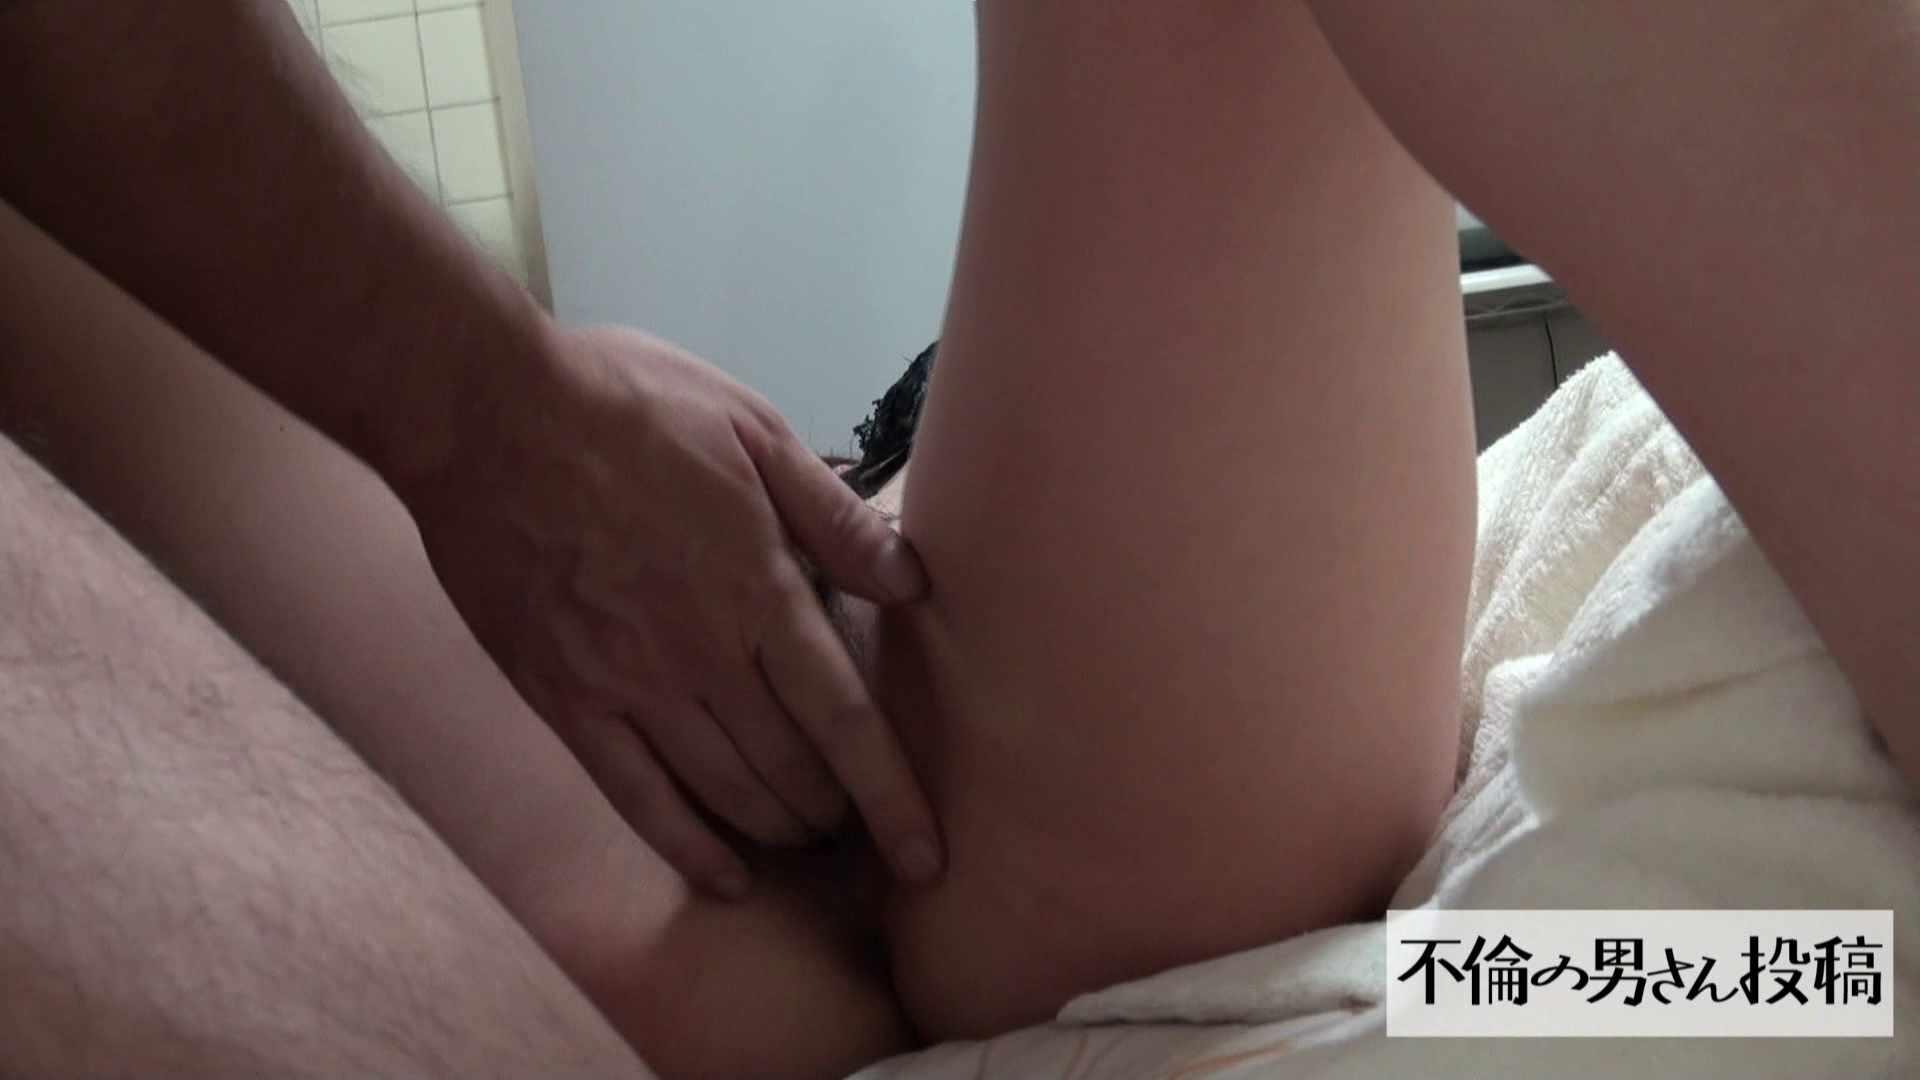 会計事務所勤務 高橋みゆき30歳 W不倫の不倫部屋の記録 投稿映像 ヌード画像 66pic 47